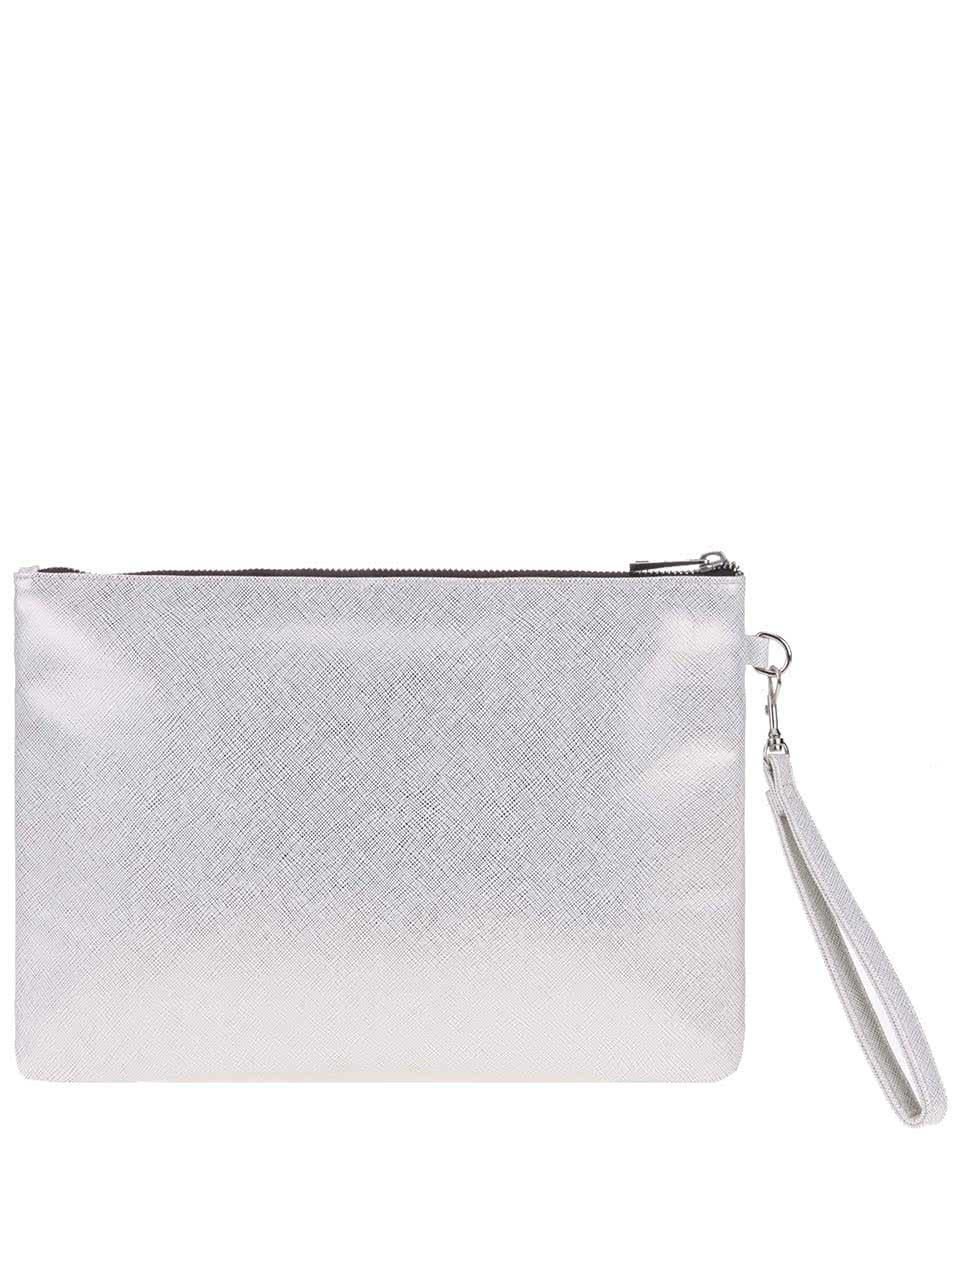 Zlato-biela listová kabelka s pútkom Dorothy Perkins ... 3a500065c9e